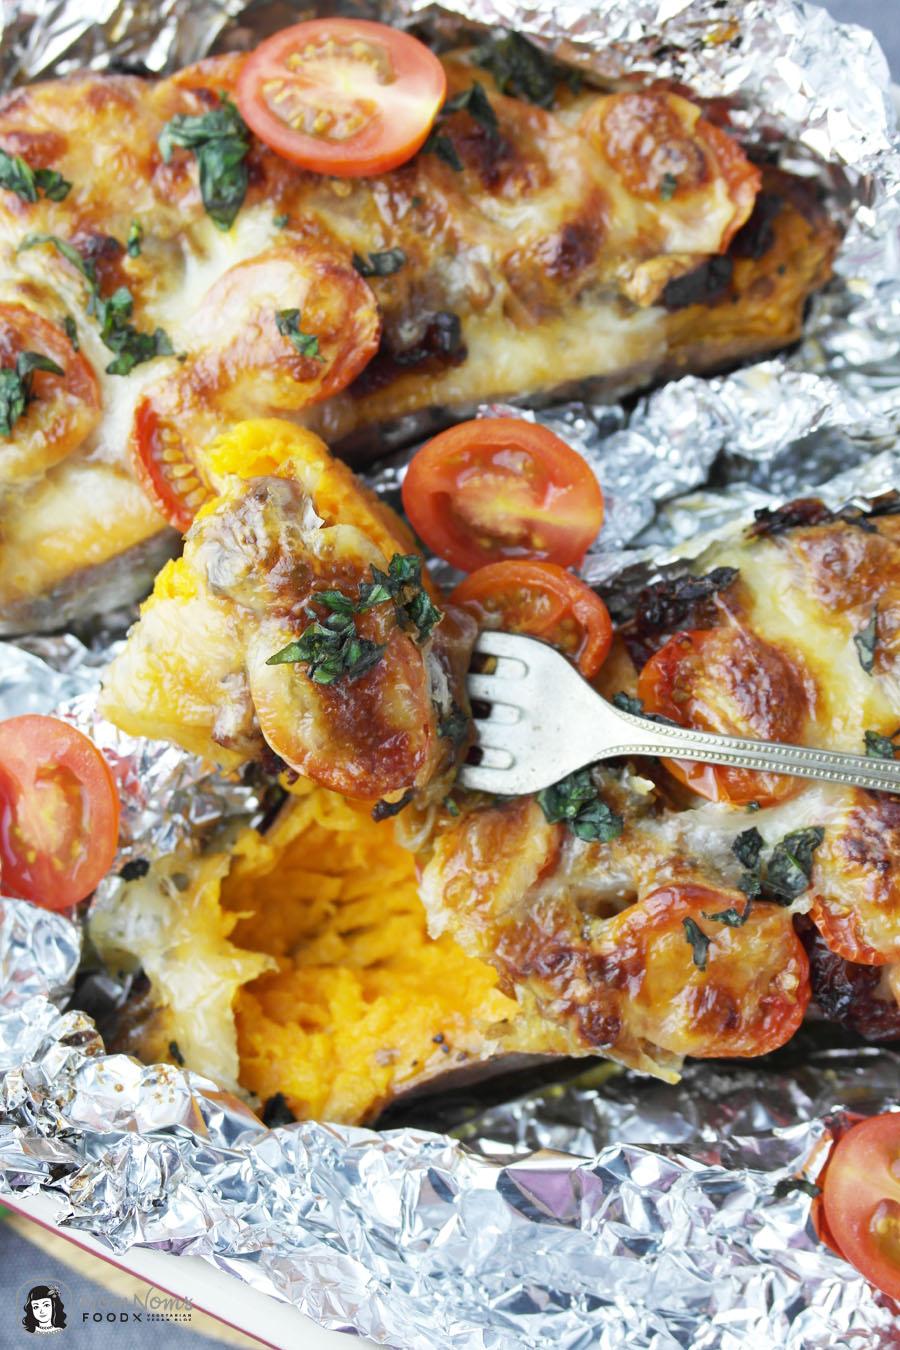 Überbackene Süßkartoffel mediterran mit Tomaten und Mozzarella ❤